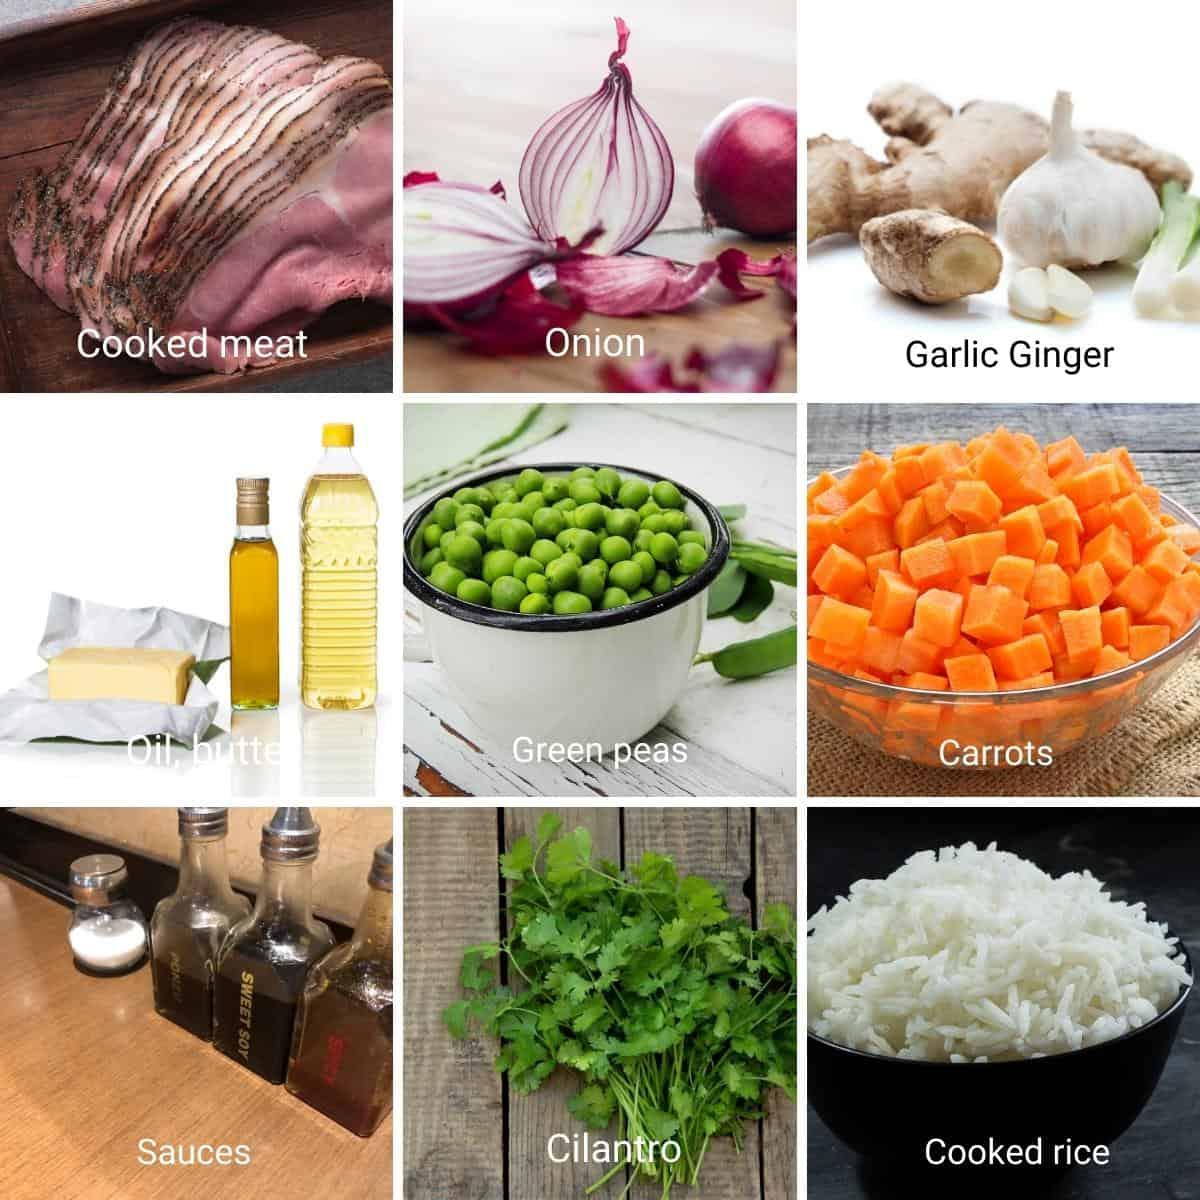 Ingredients to make fried rice.